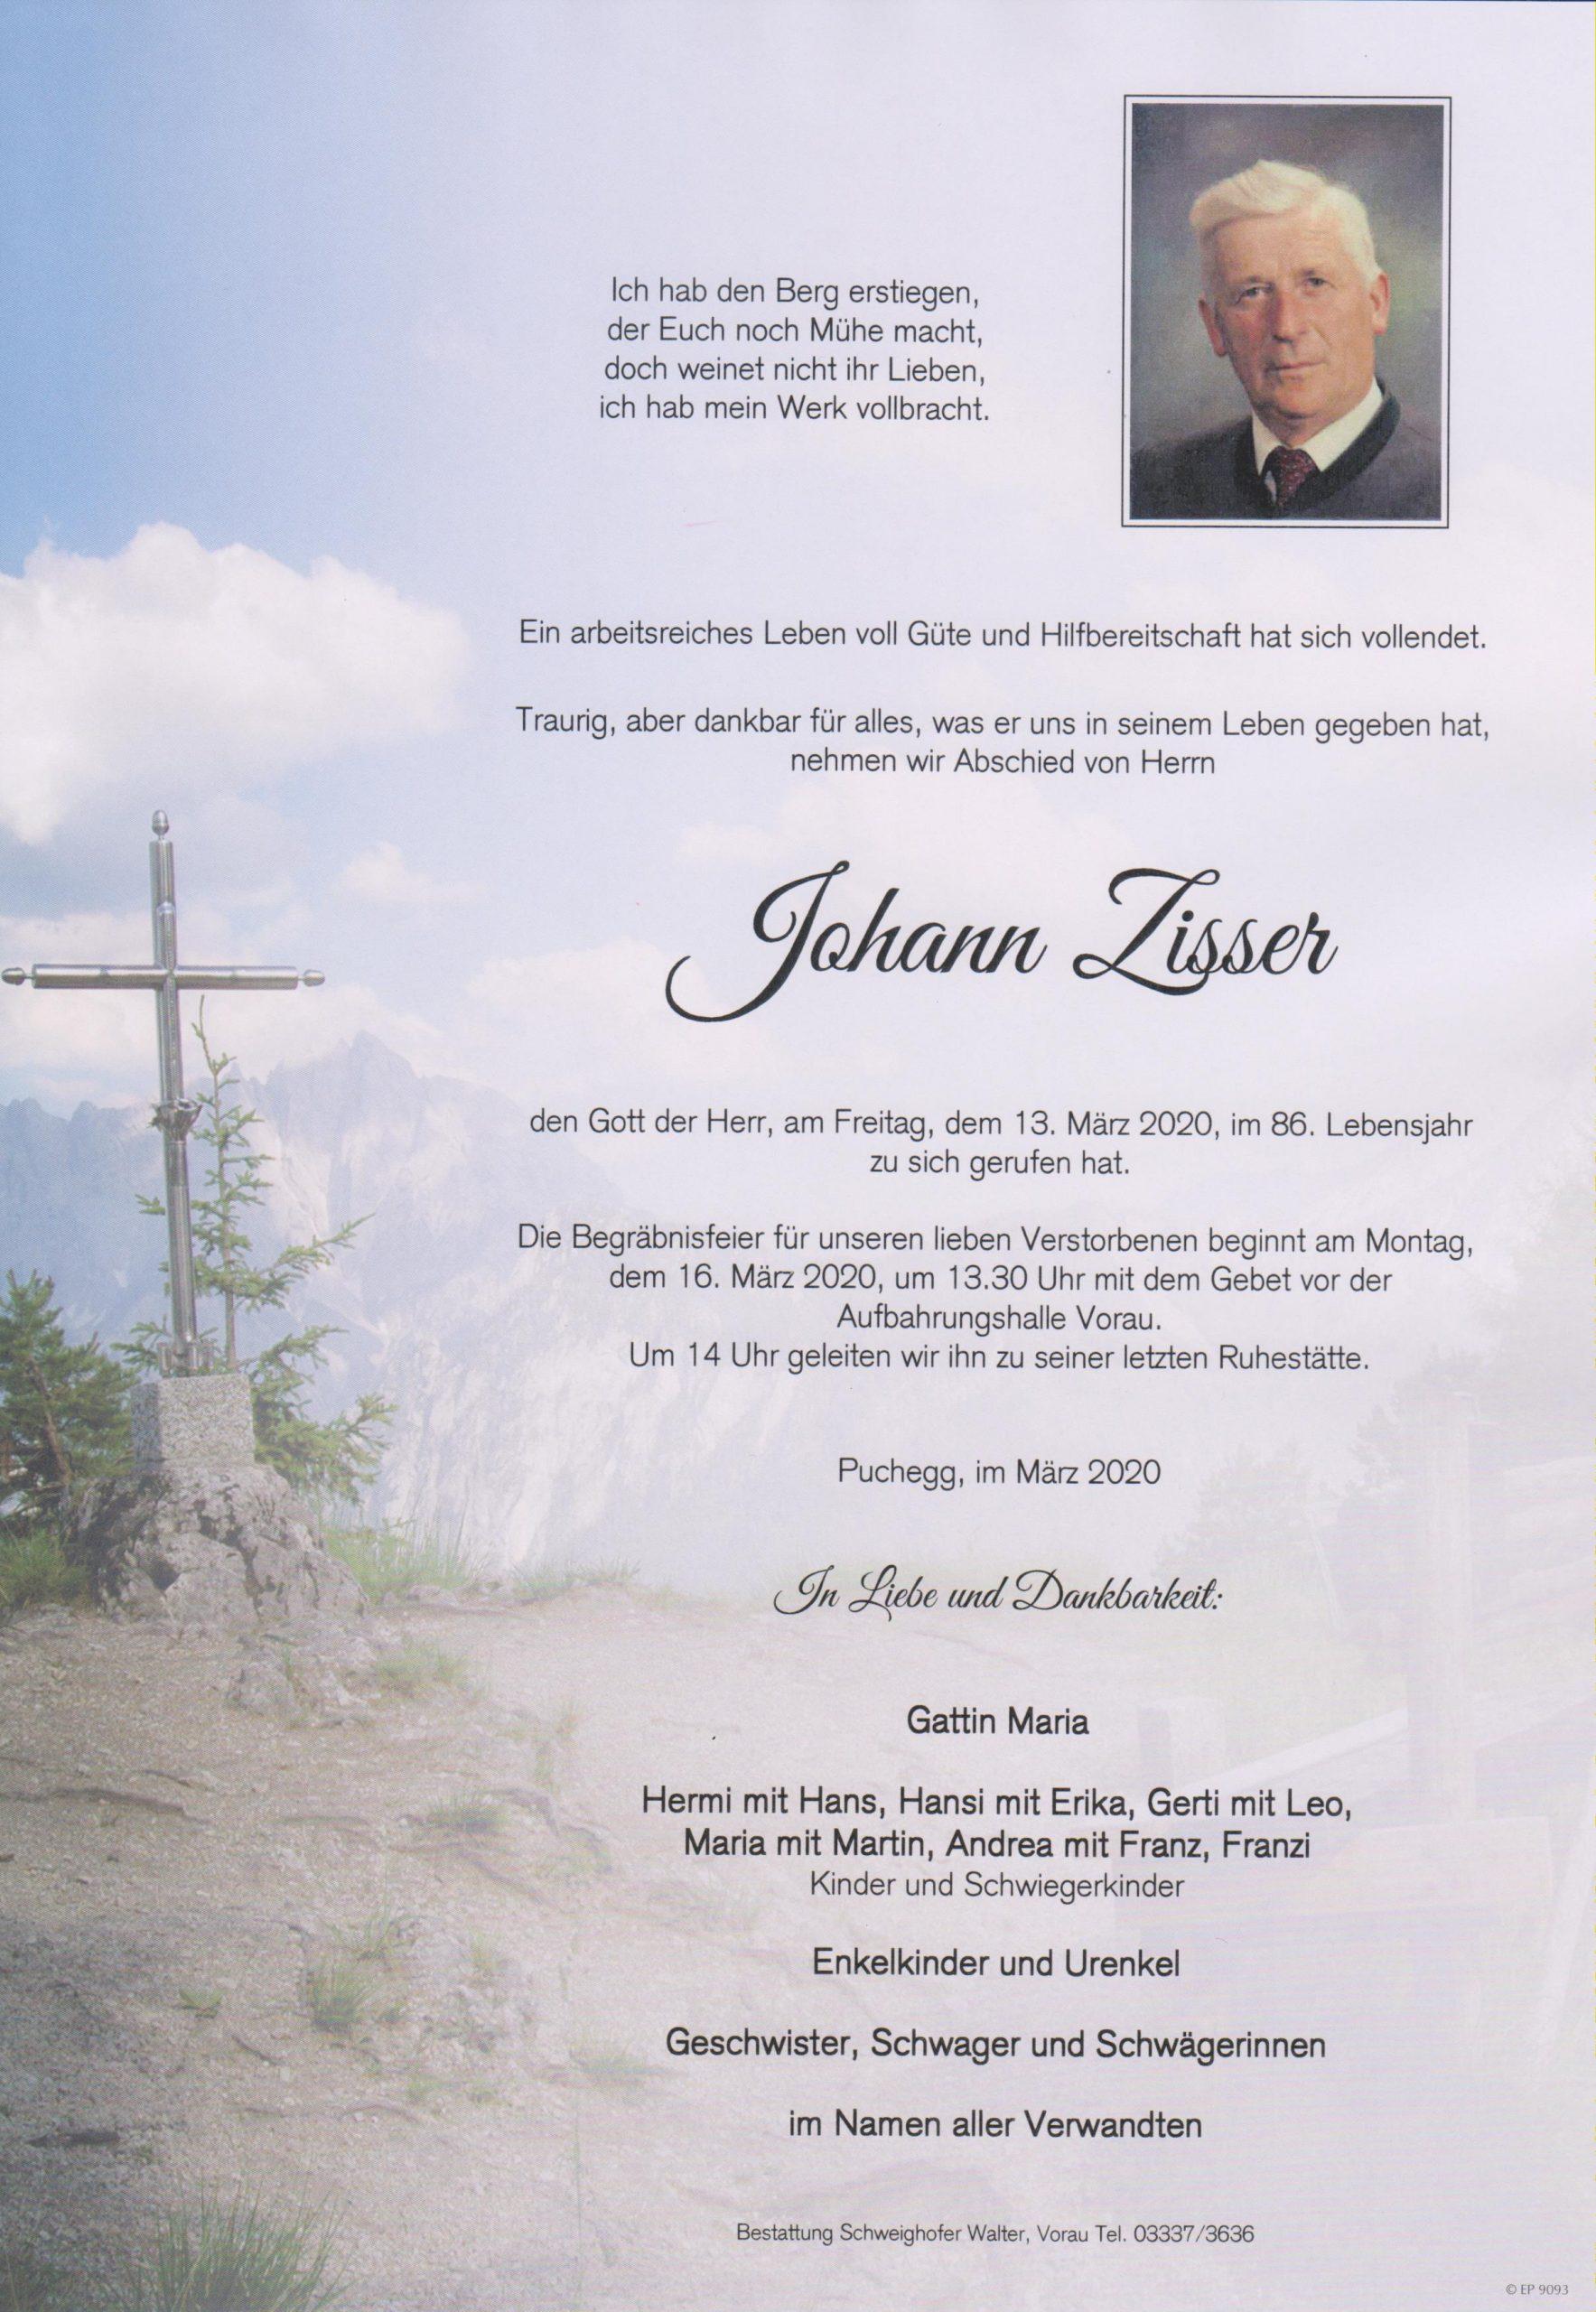 Johann Zisser